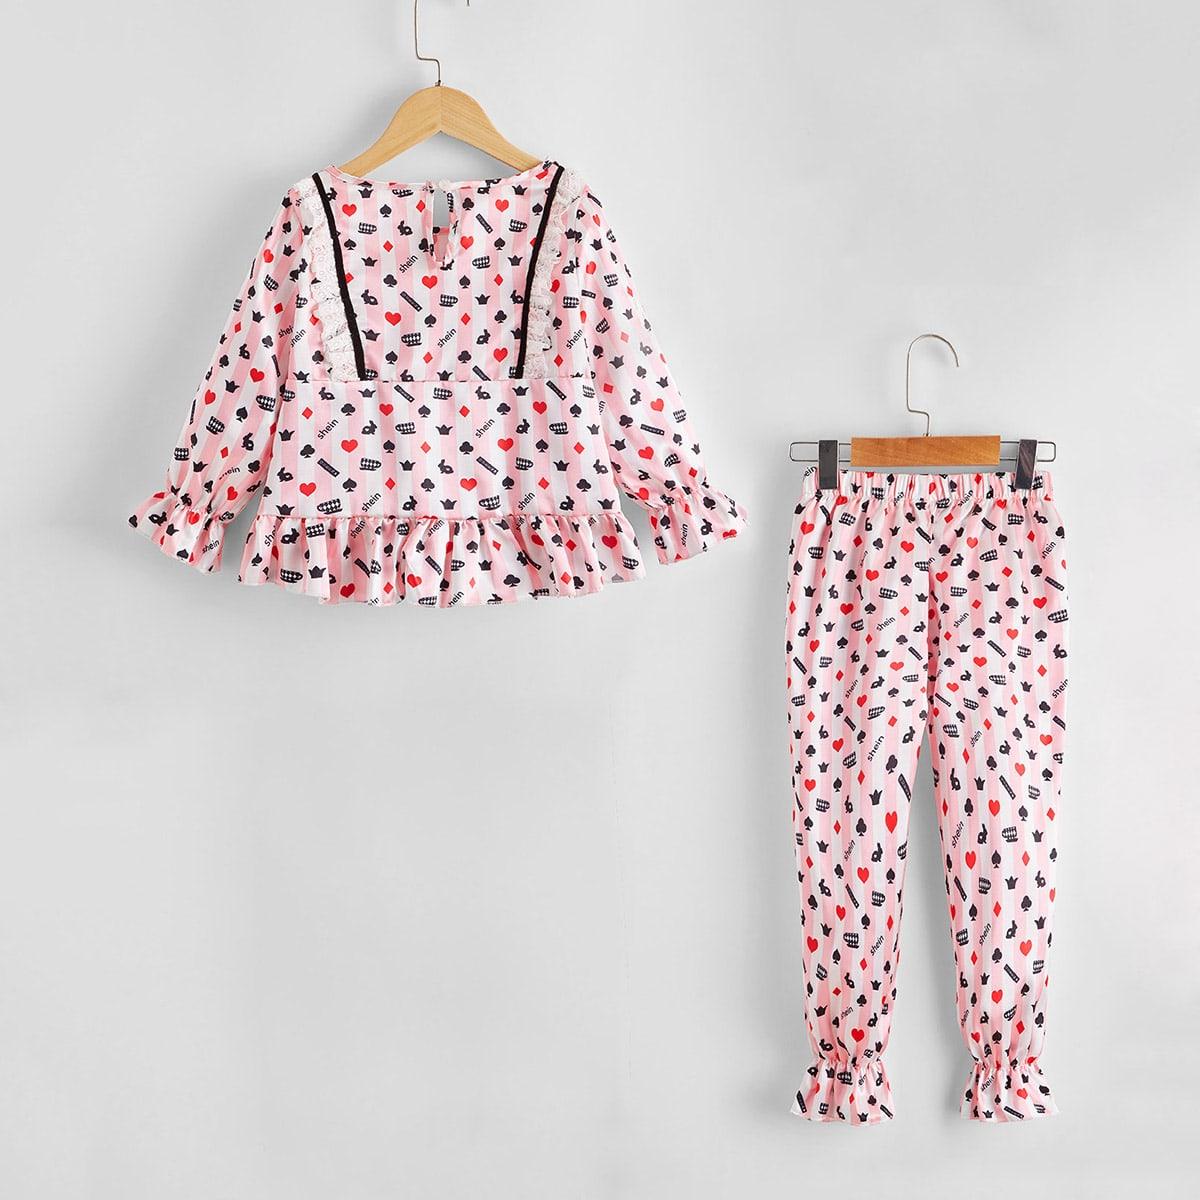 Атласная пижама с принтом и кружевной отделкой для девочек